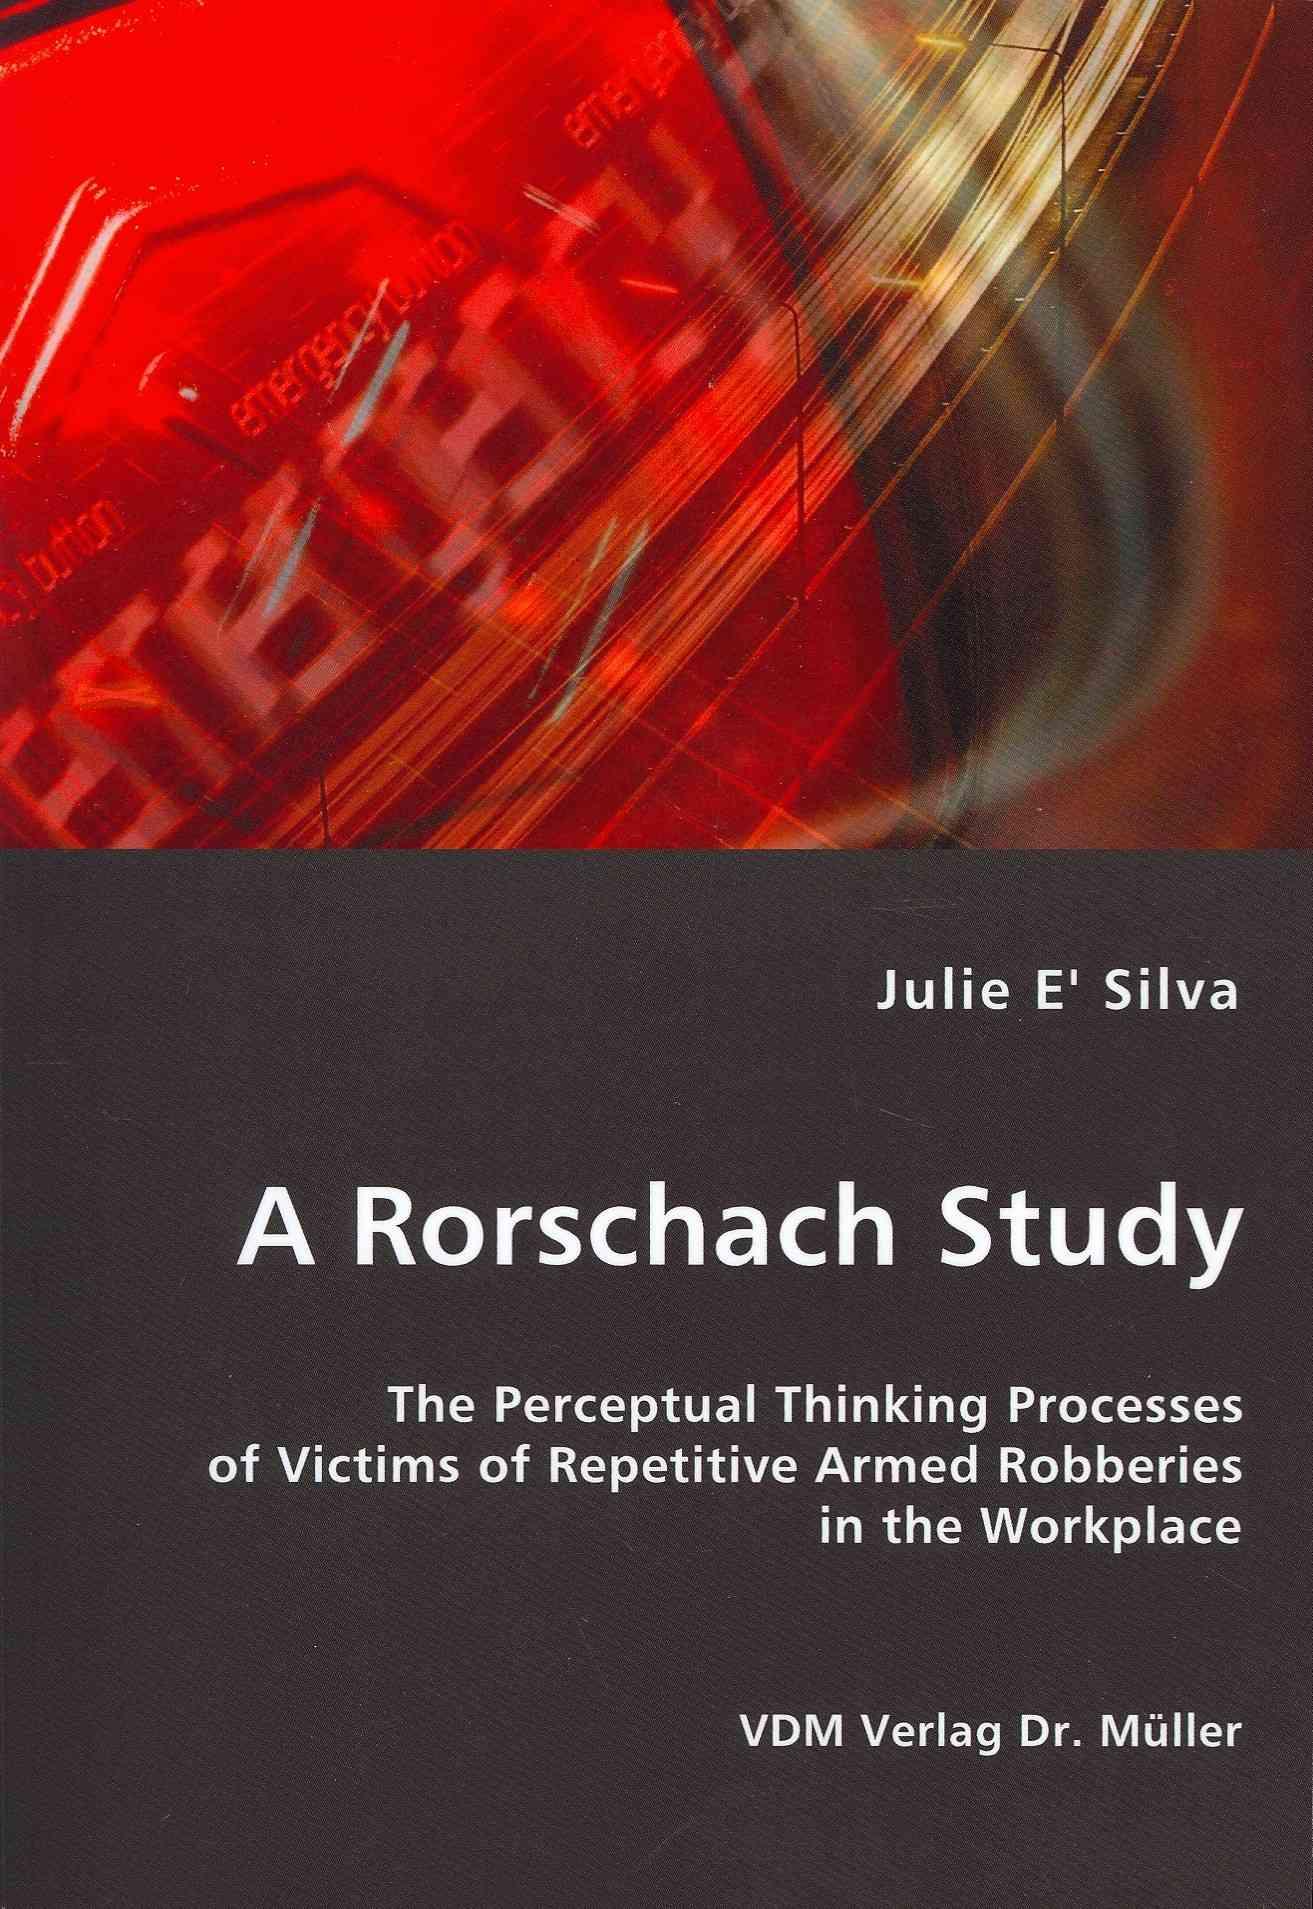 A Rorschach Study By E' Silva, Julie